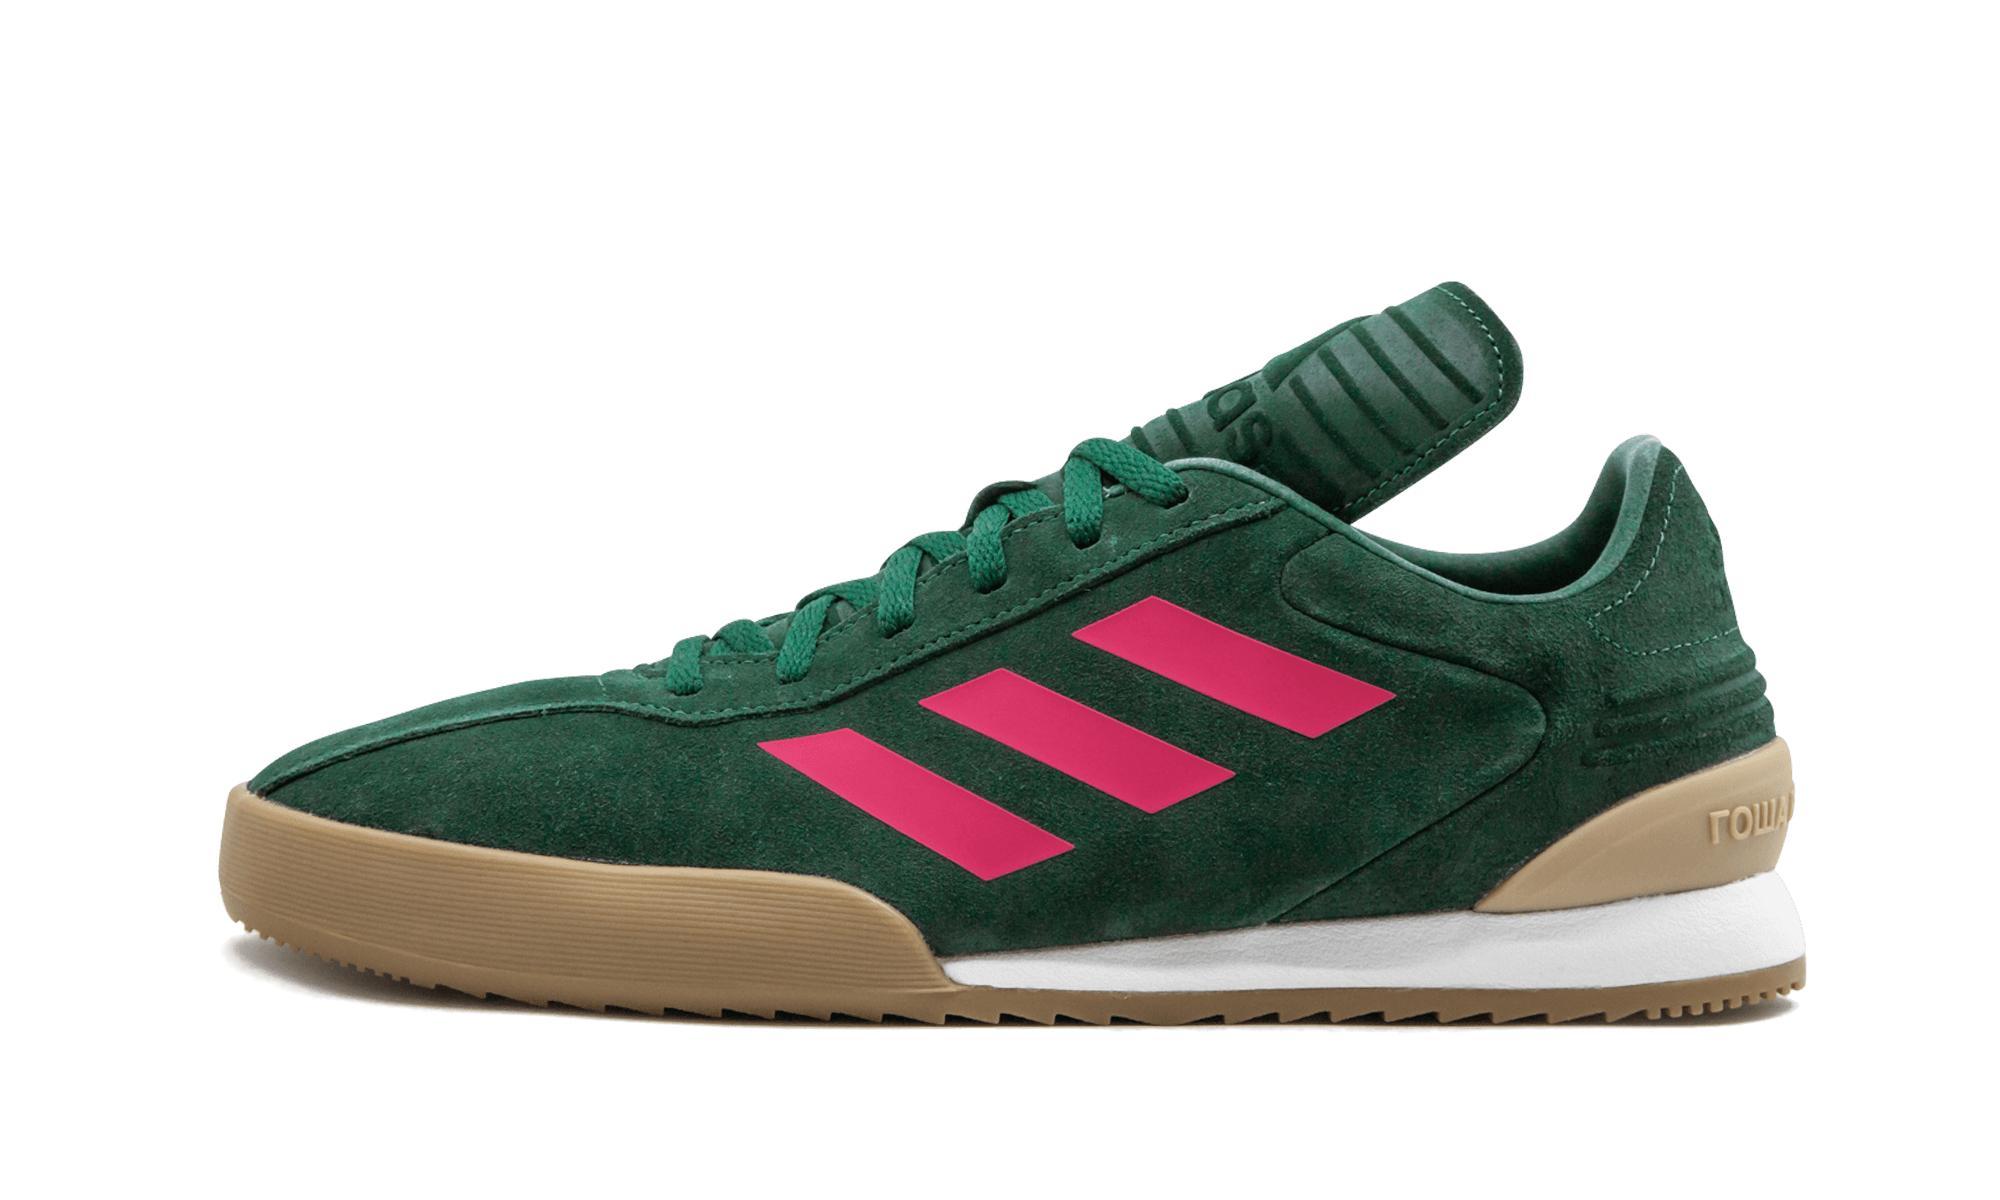 bec5c9ba127a0 Adidas Green Gr Copa Super for men